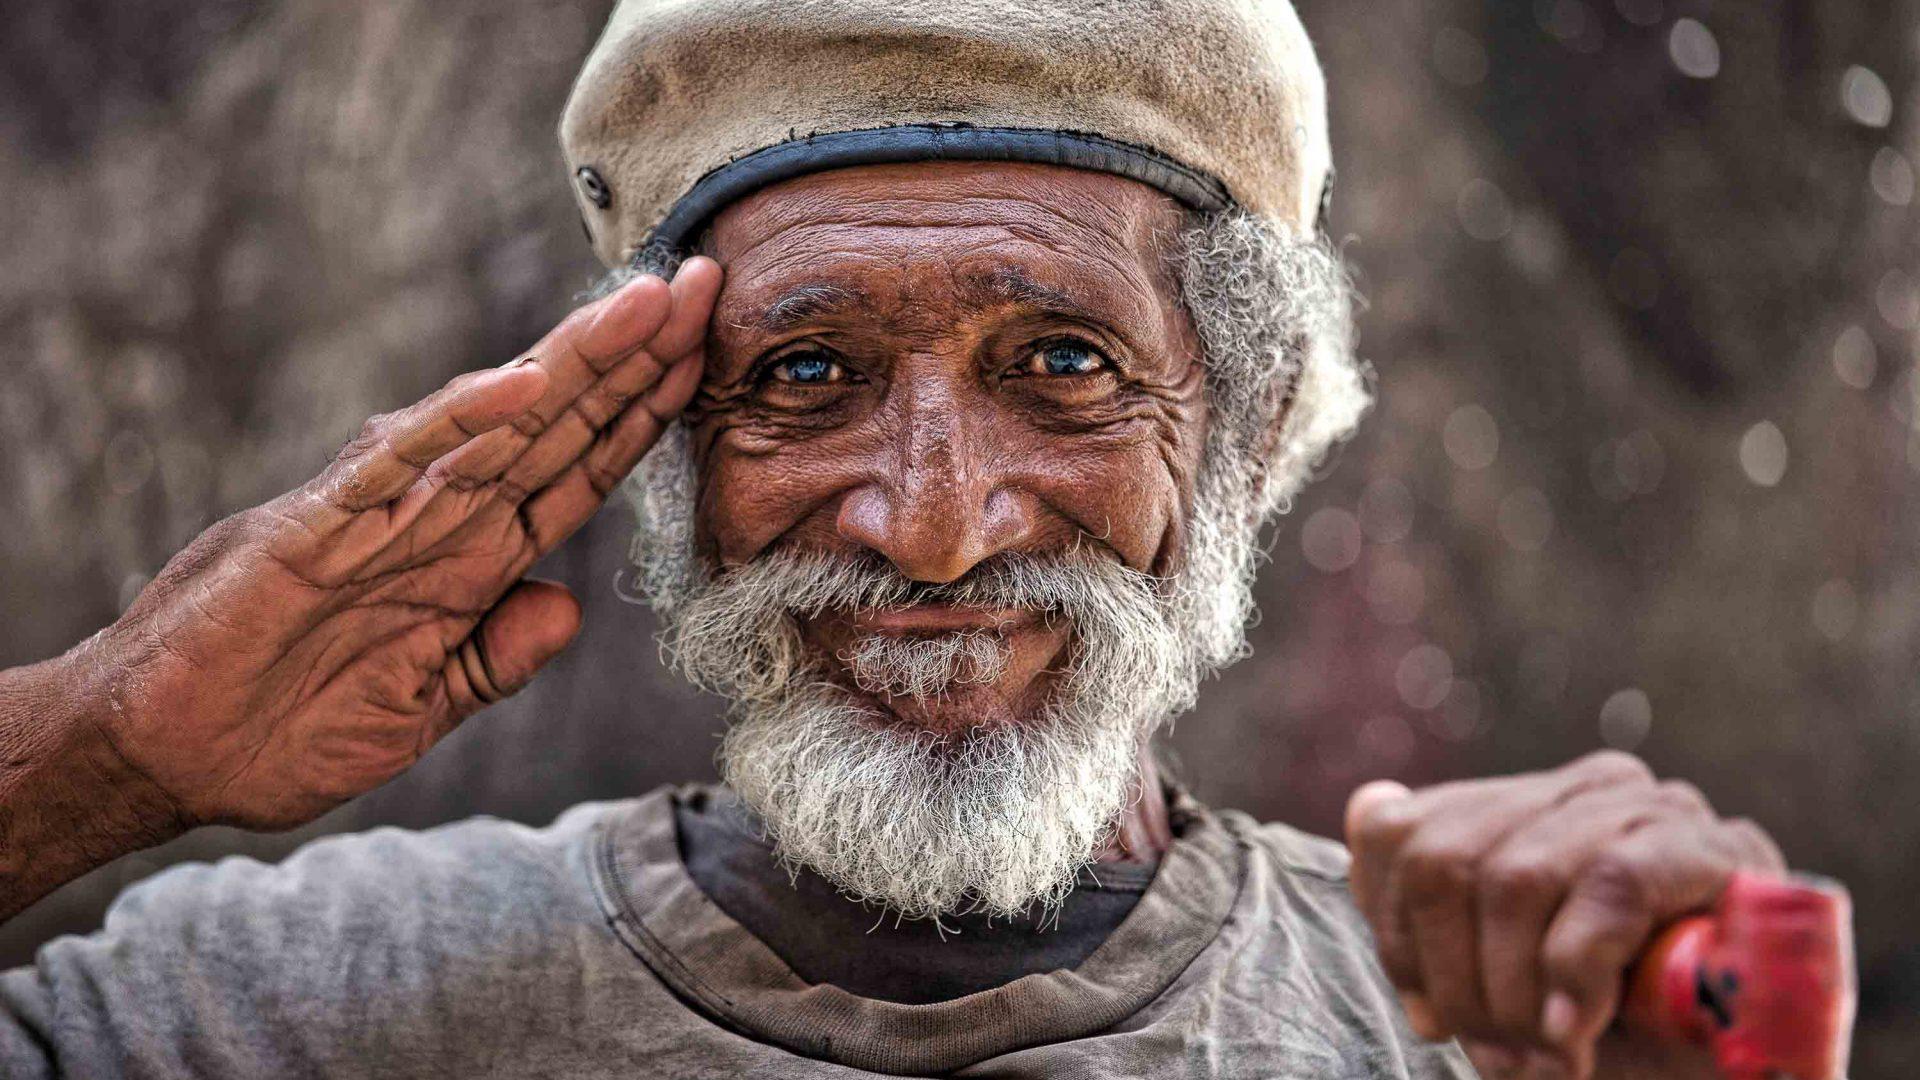 A portrait of a man in Cuba.